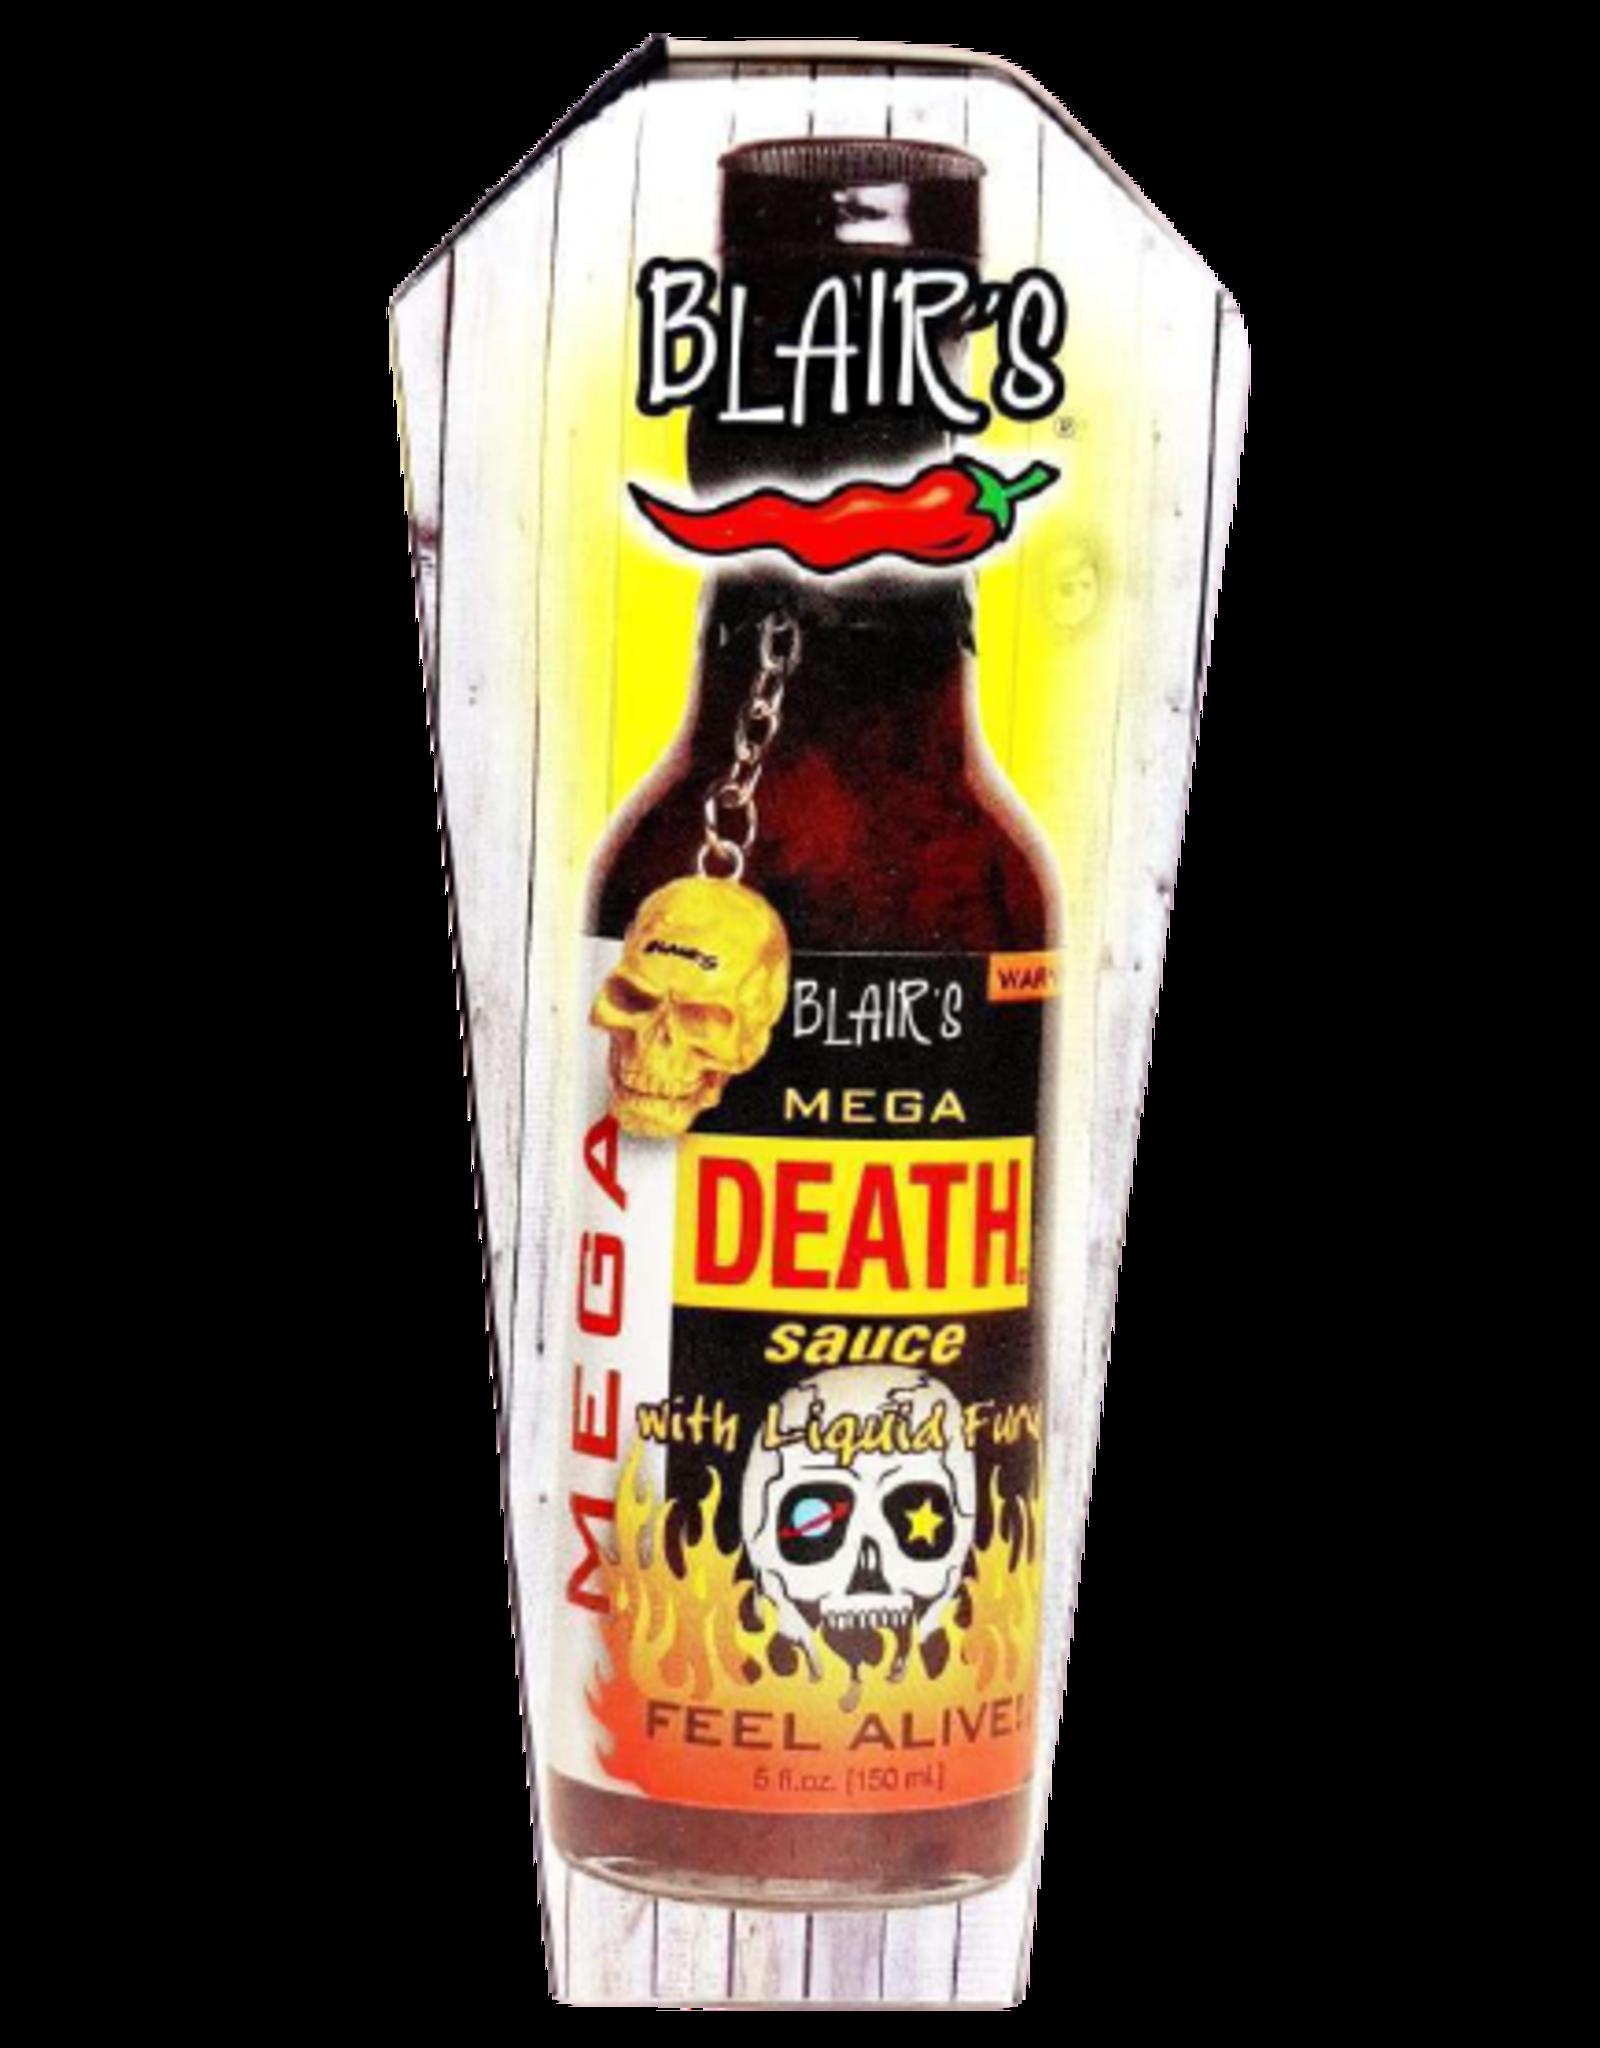 Blair's Mega Death